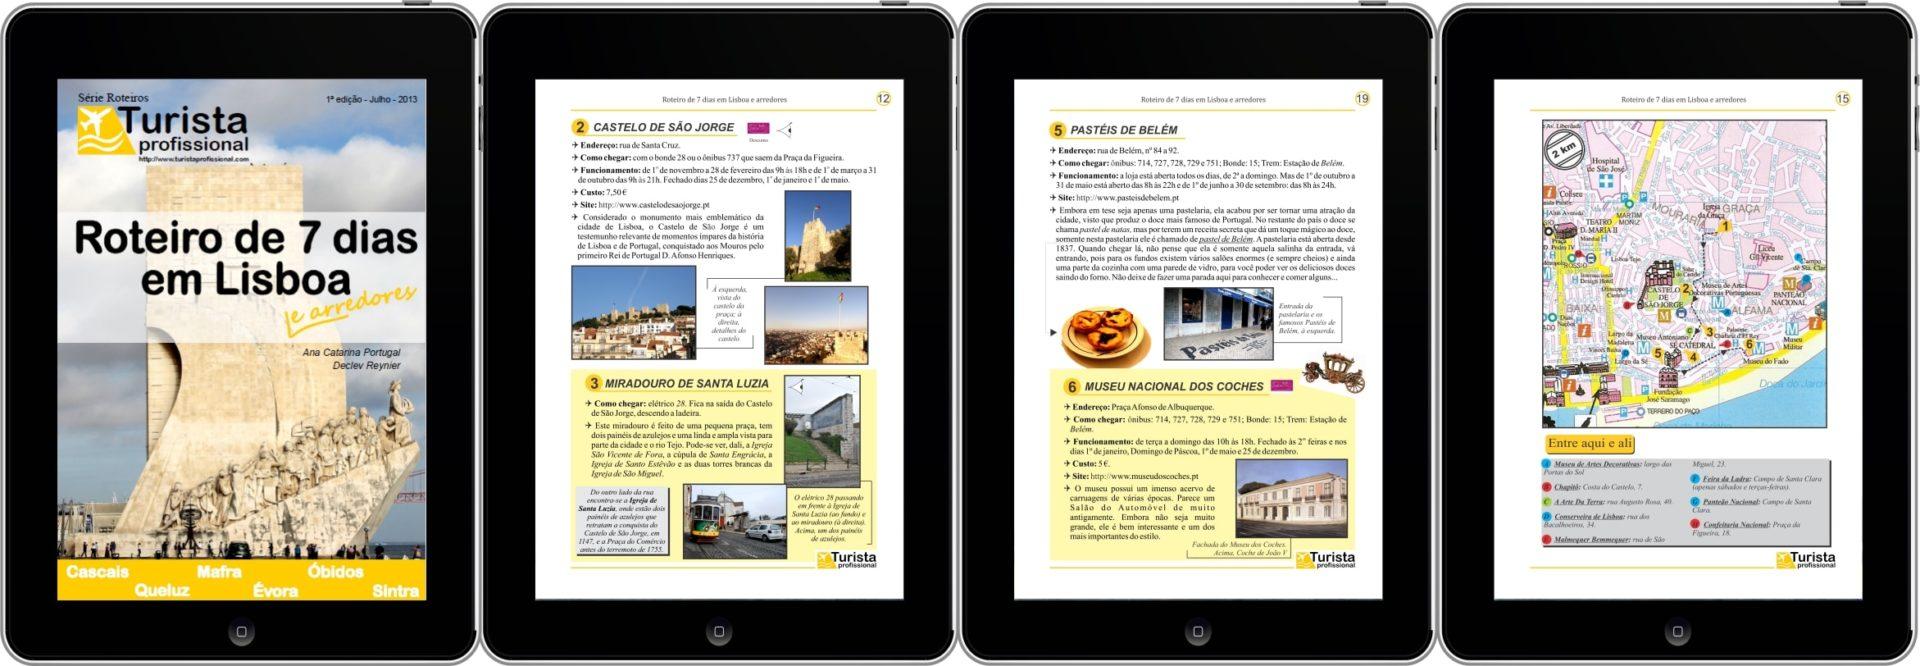 Lisboa 7 quatro tablets - Roteiro de 7 dias em Lisboa e arredores